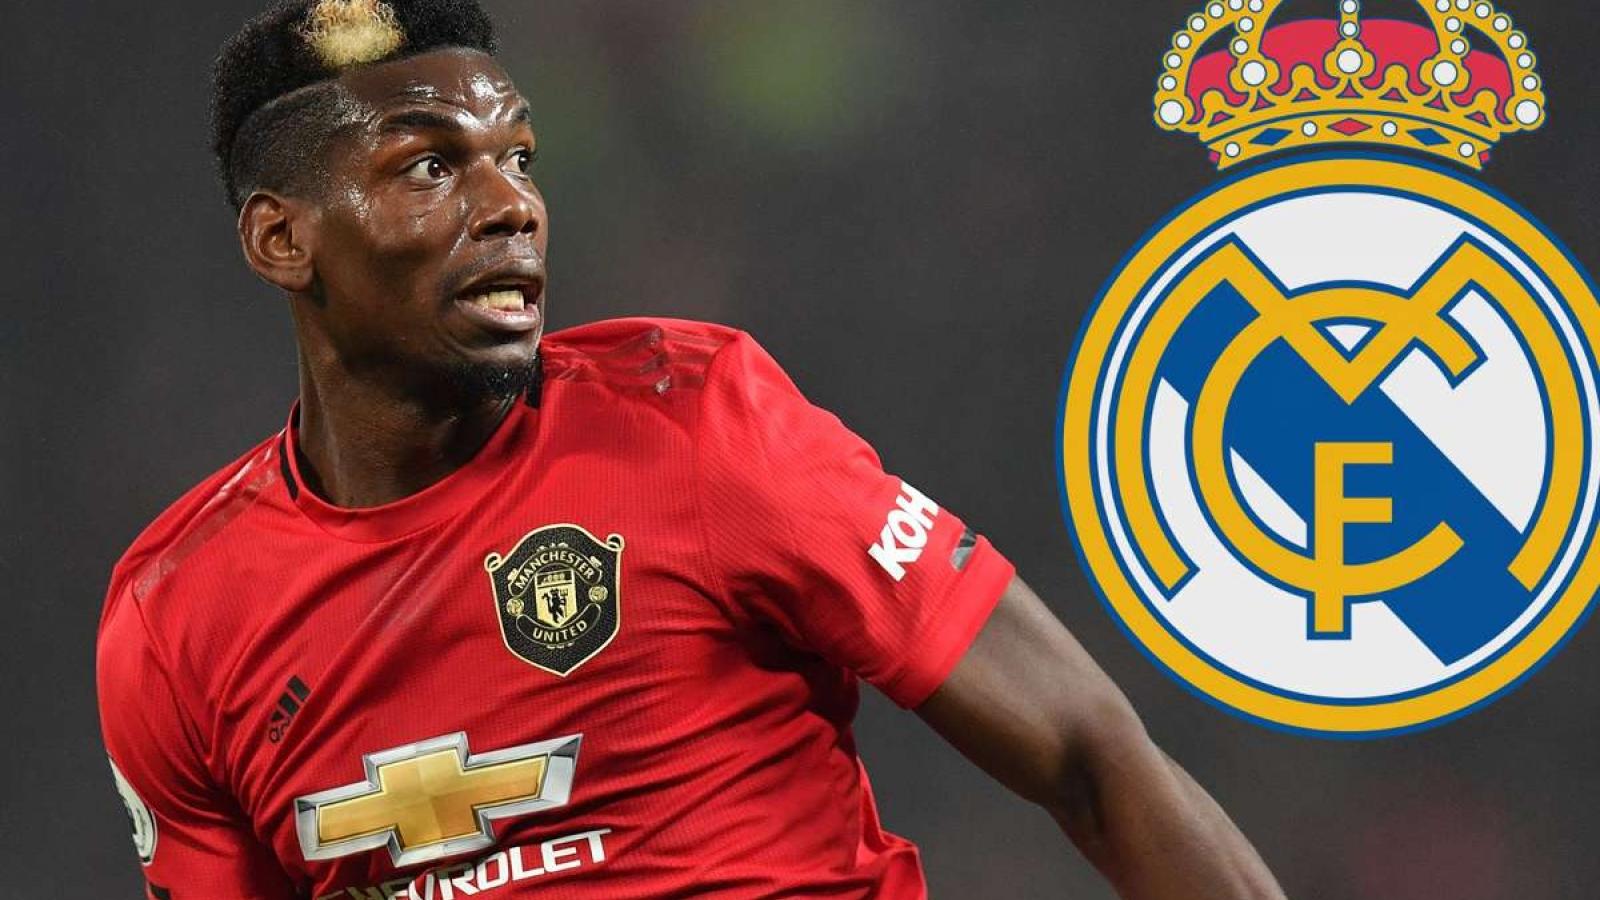 Góc nhìn: Real Madrid không cần Paul Pogba